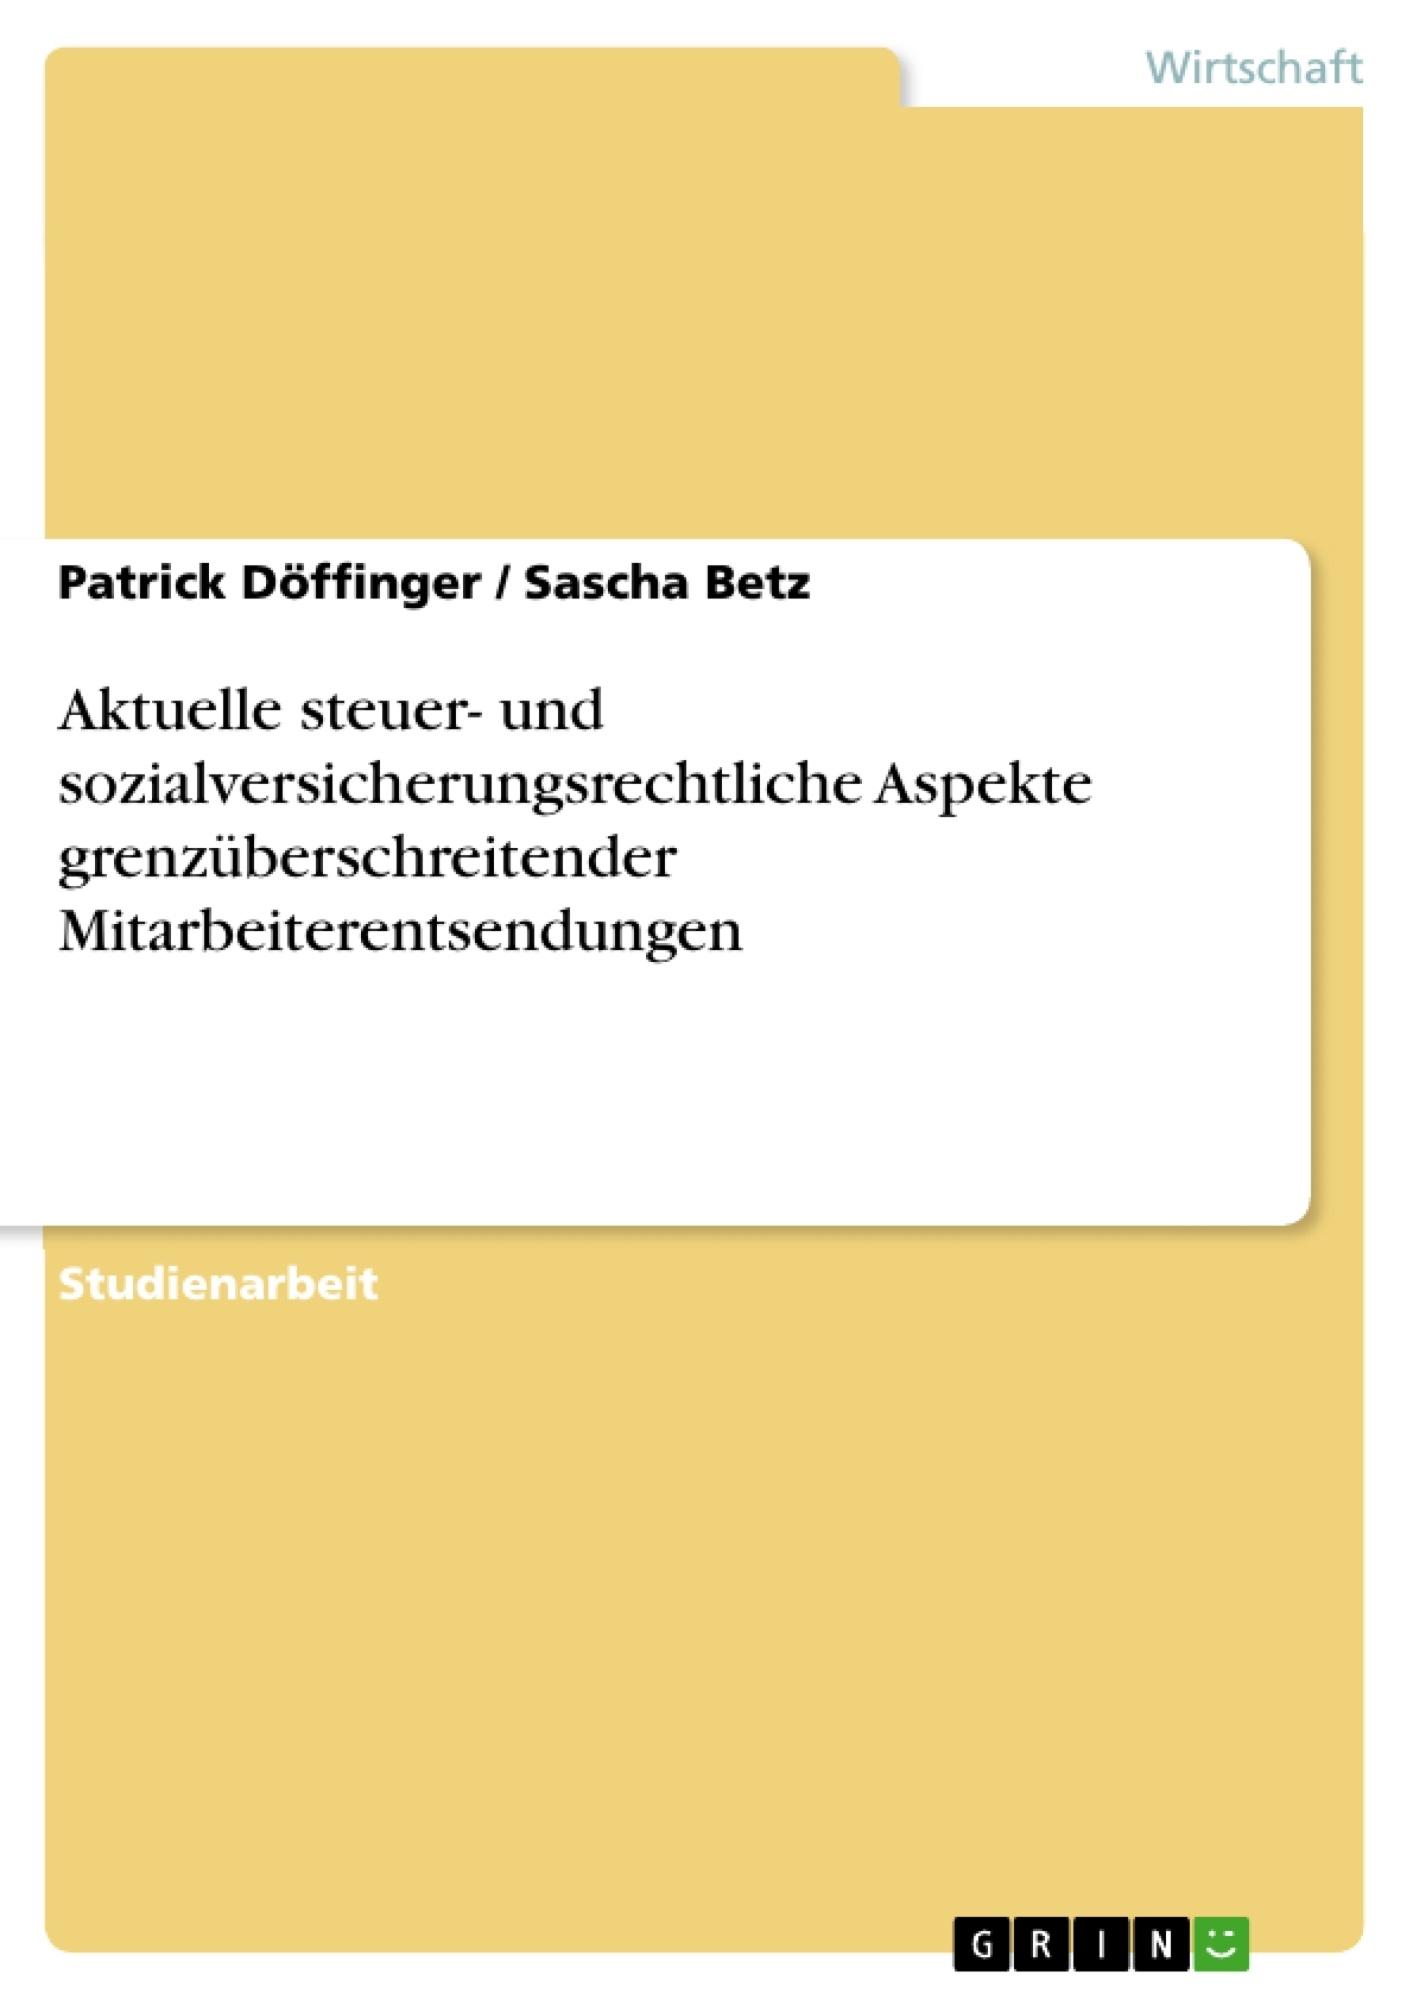 Titel: Aktuelle steuer- und sozialversicherungsrechtliche Aspekte grenzüberschreitender Mitarbeiterentsendungen